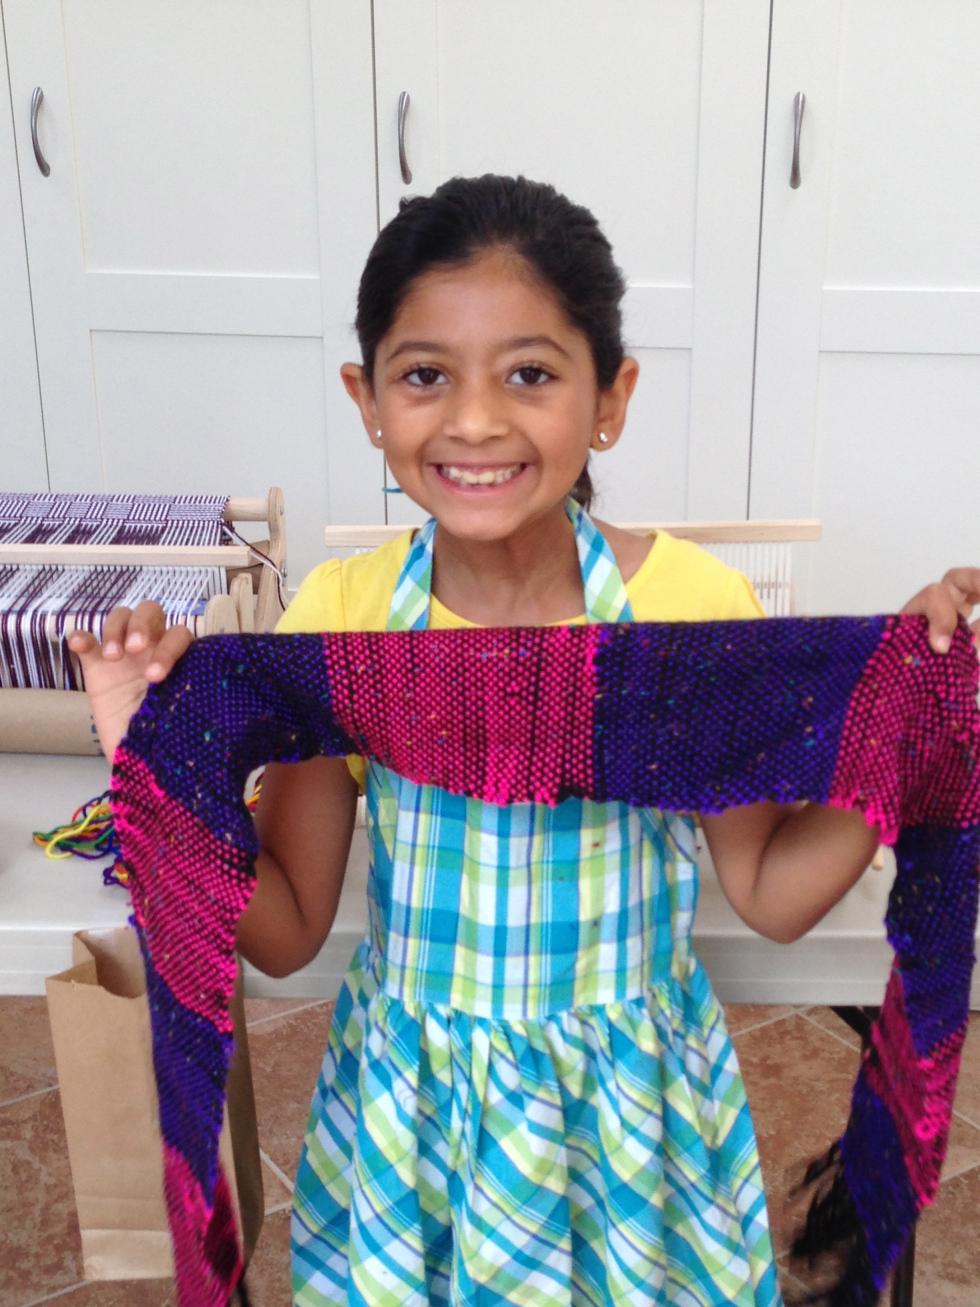 3rd grader scarf